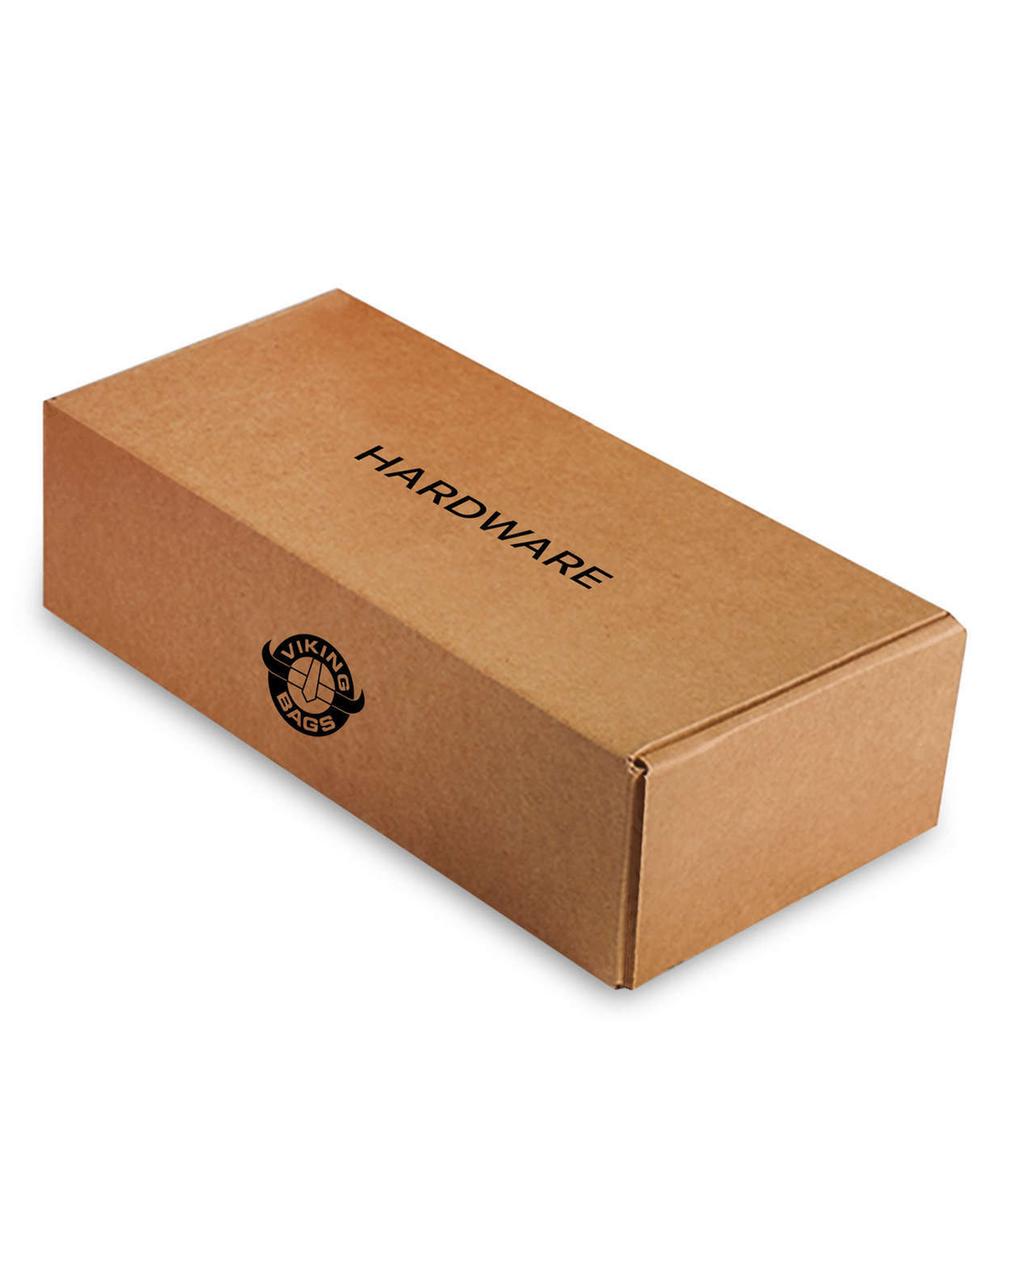 Yamaha Startoliner XV 1900 Trianon Studded Motorcycle Saddlebags Hardware Box